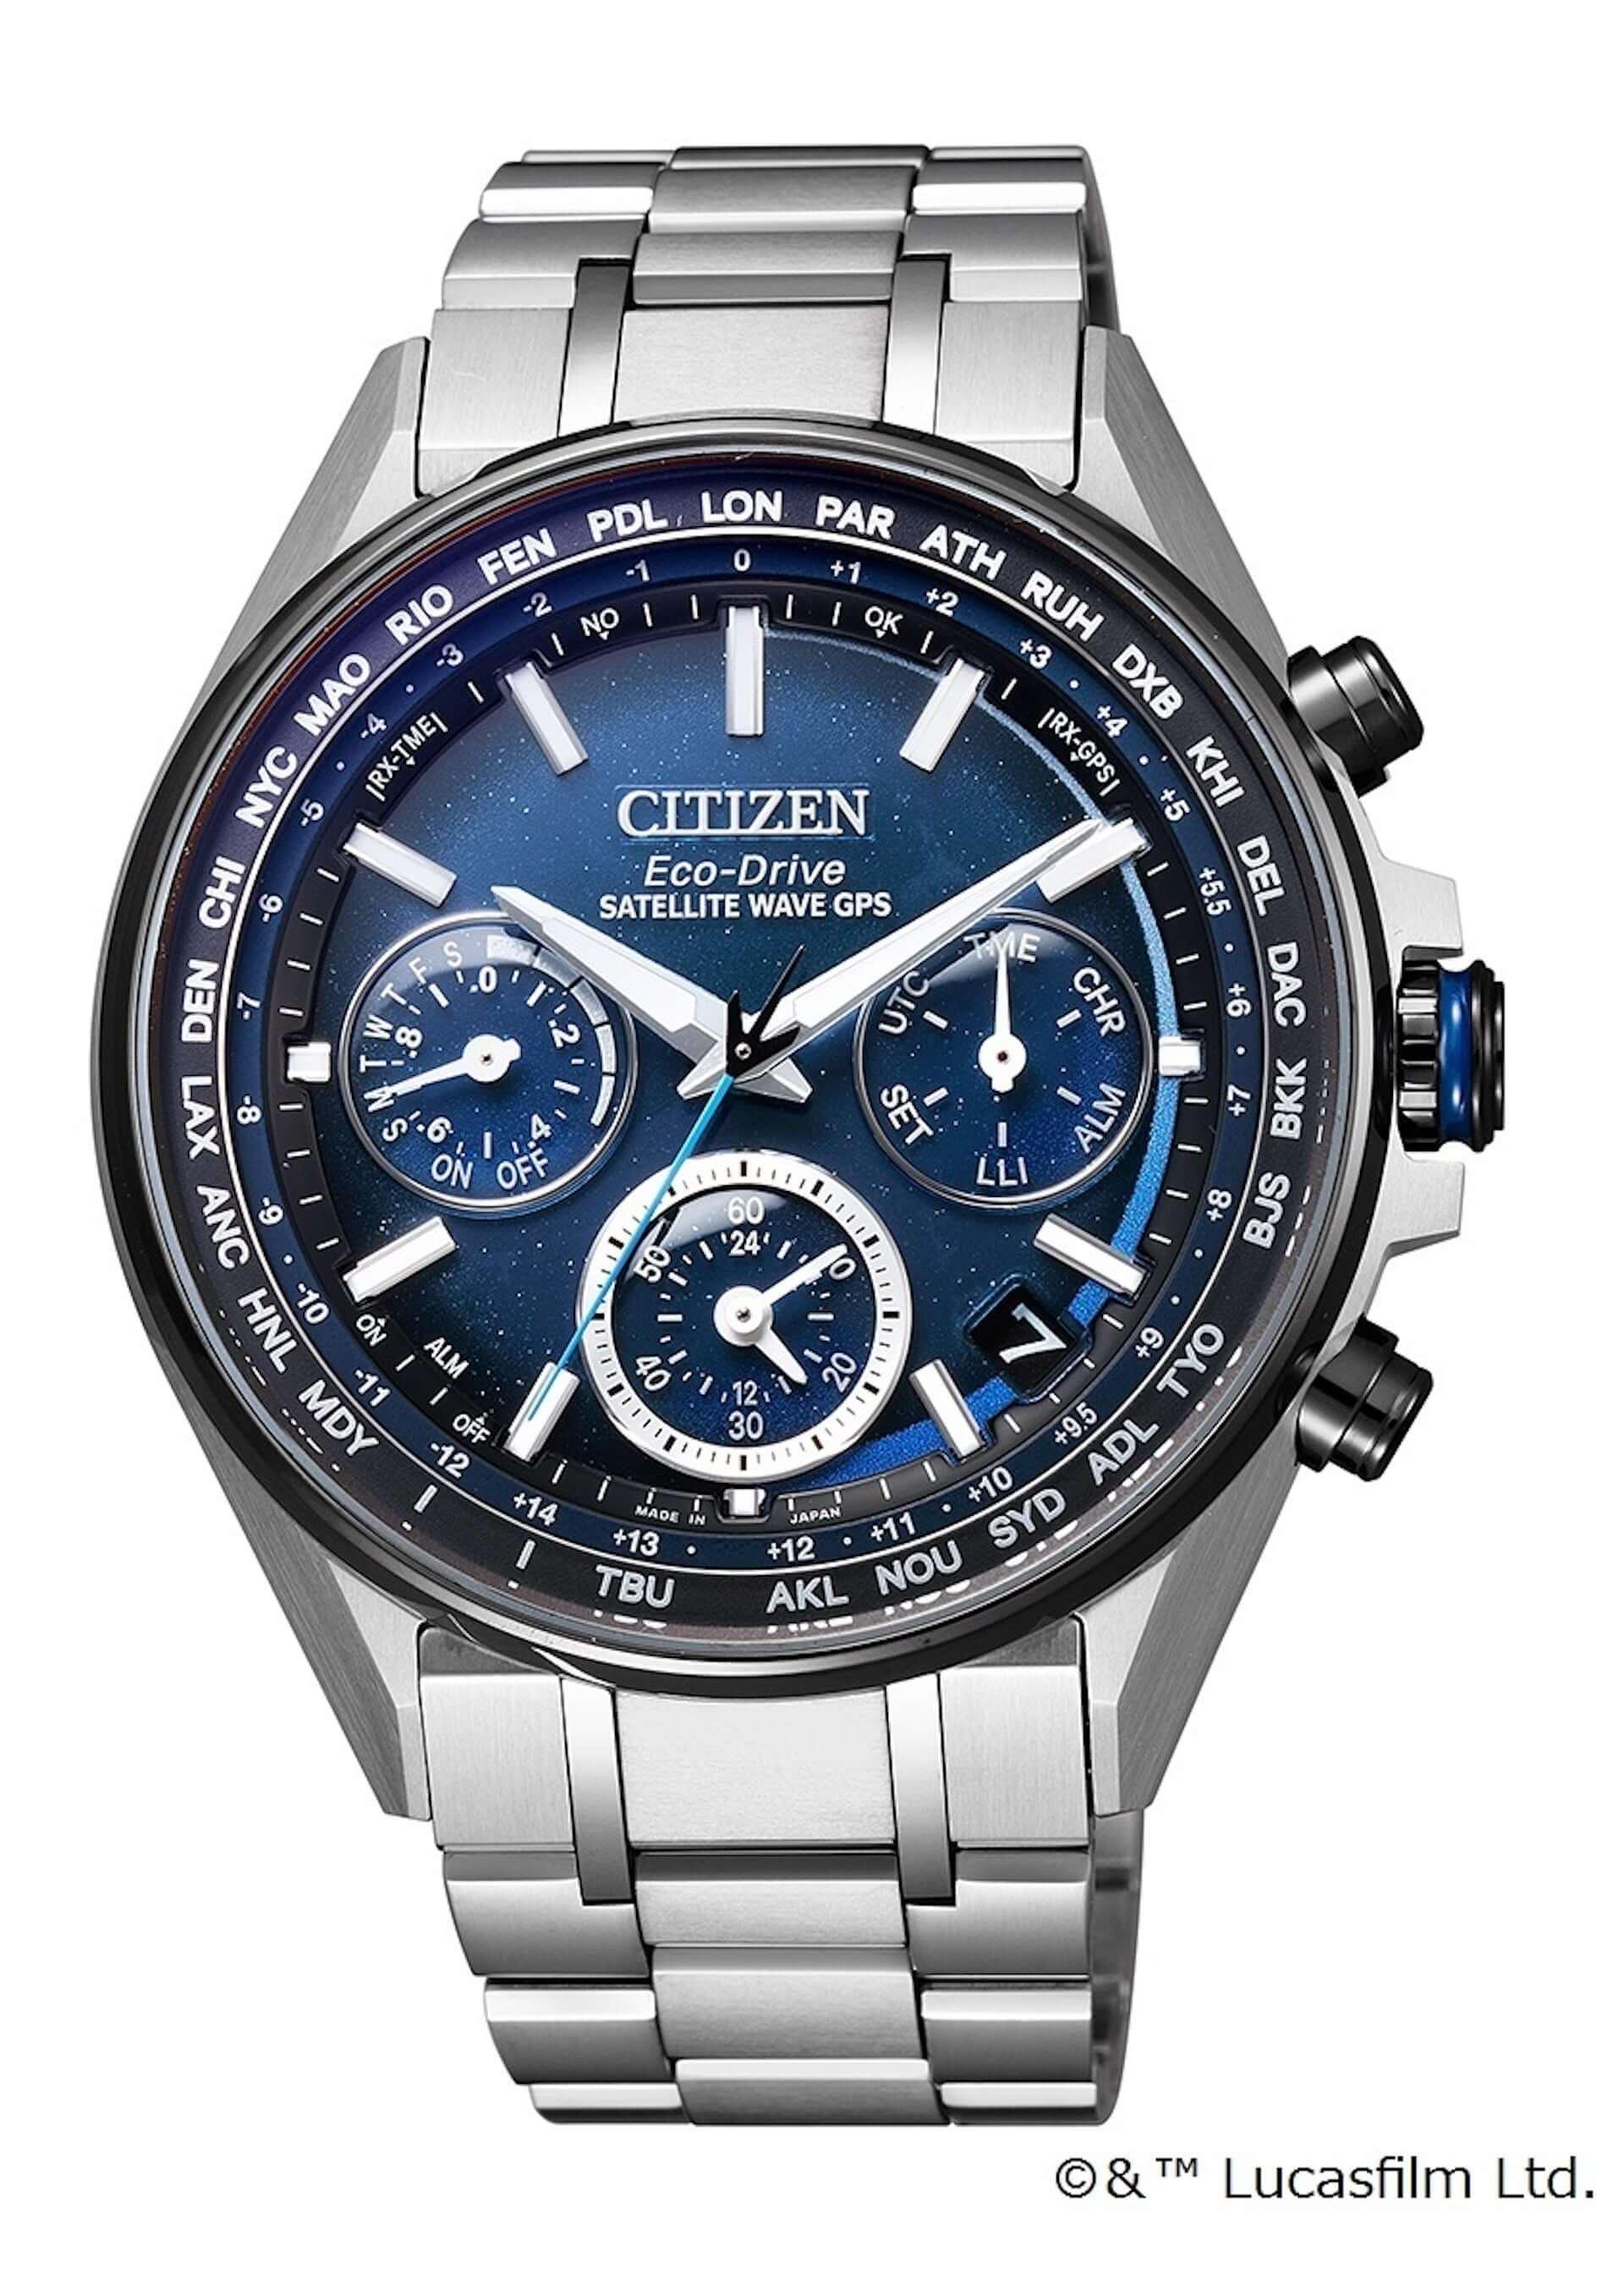 時計にフォースを......『CITIZEN ATTESA』スター・ウォーズ限定2モデルが登場! life190904_starwars_citizen_2-1920x2687